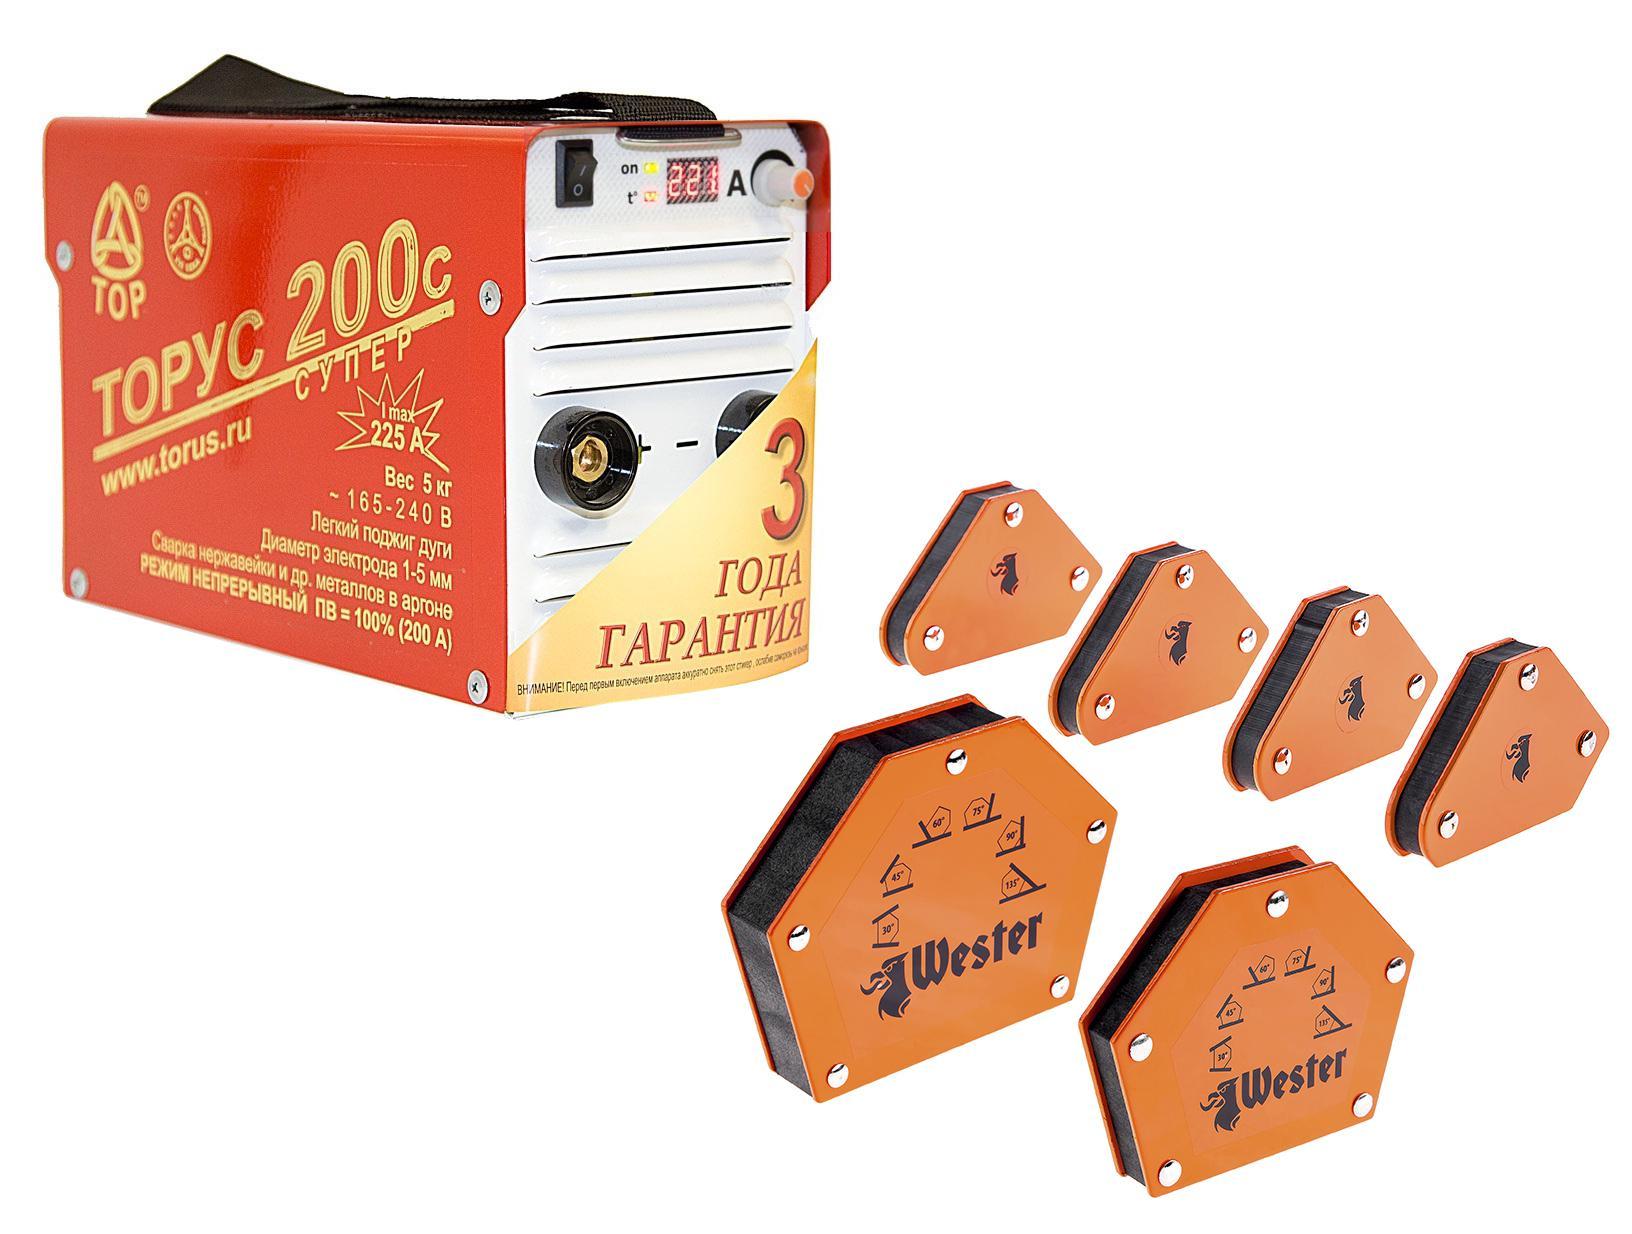 Набор ТОРУС Сварочный аппарат 200с СУПЕР + провода +Угольник магнитный mcs +Угольник магнитный wmct50 +Угольник магнитный wmct75